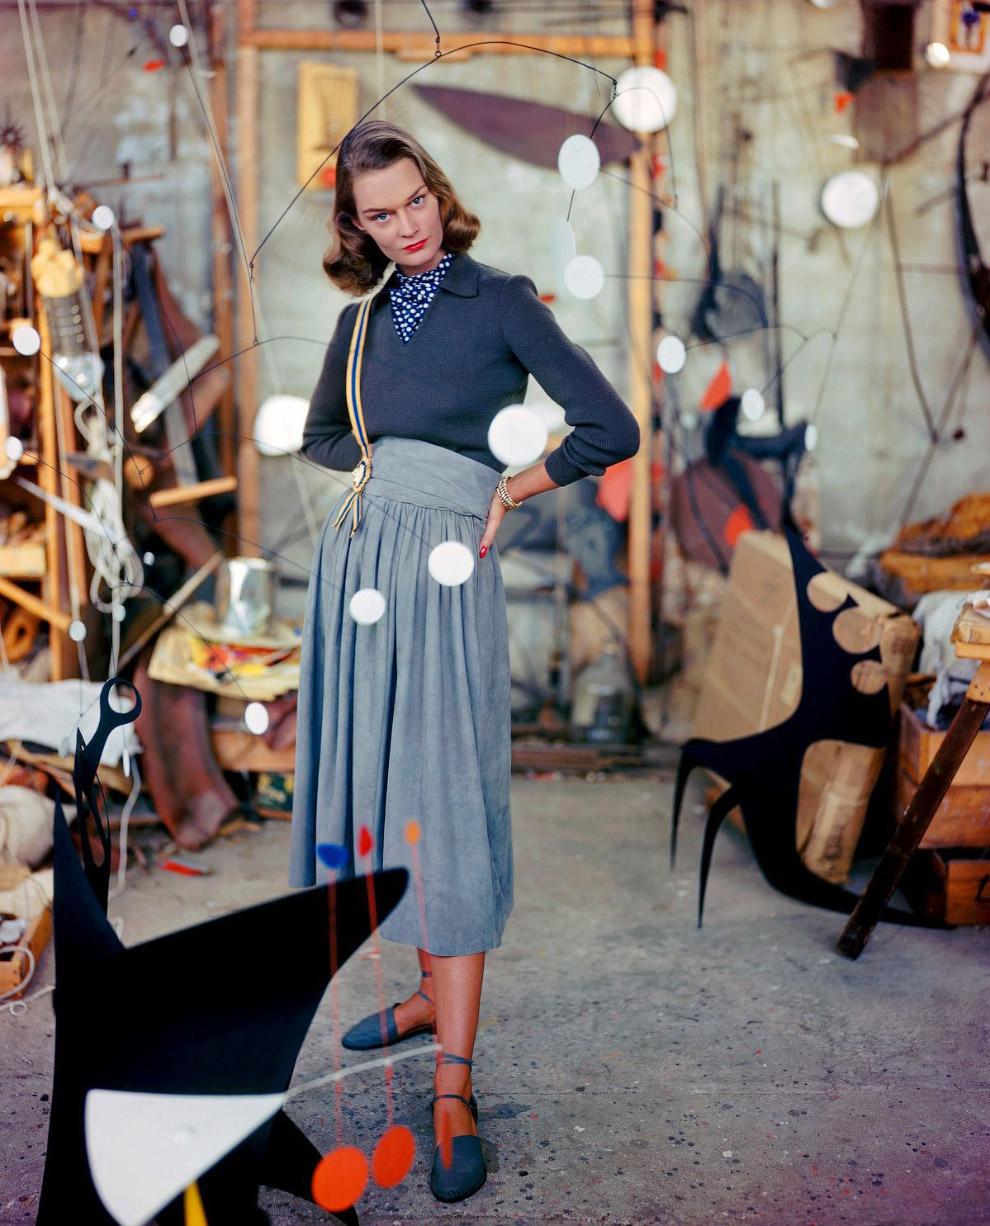 27. Модель в шубе из скунса от Кристиан Диор. Фото Женевьев Нейлор, 1949 год.